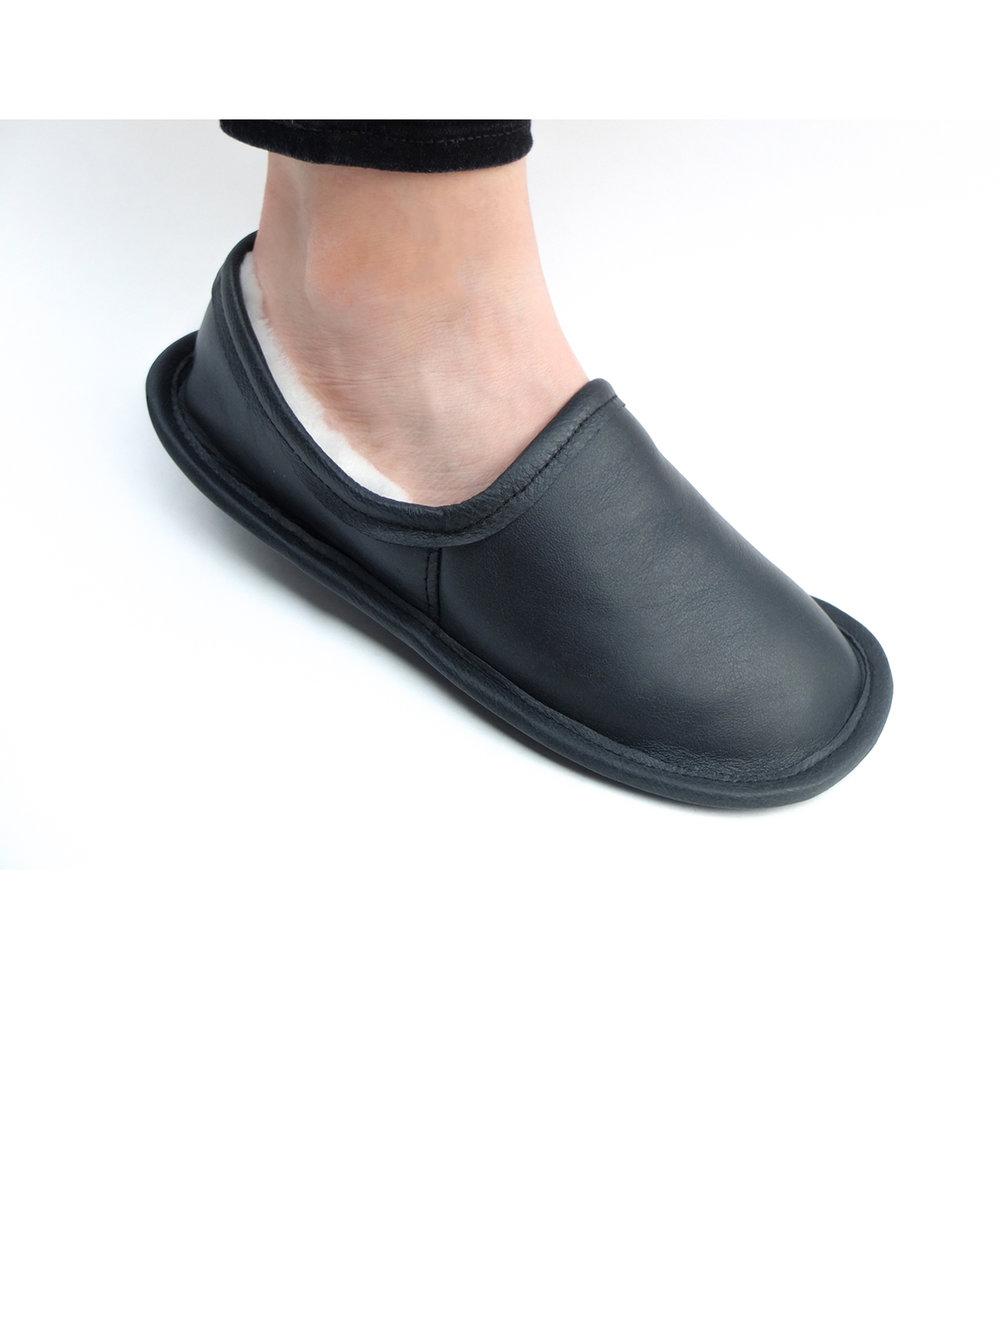 Pantoufles - 120.00$